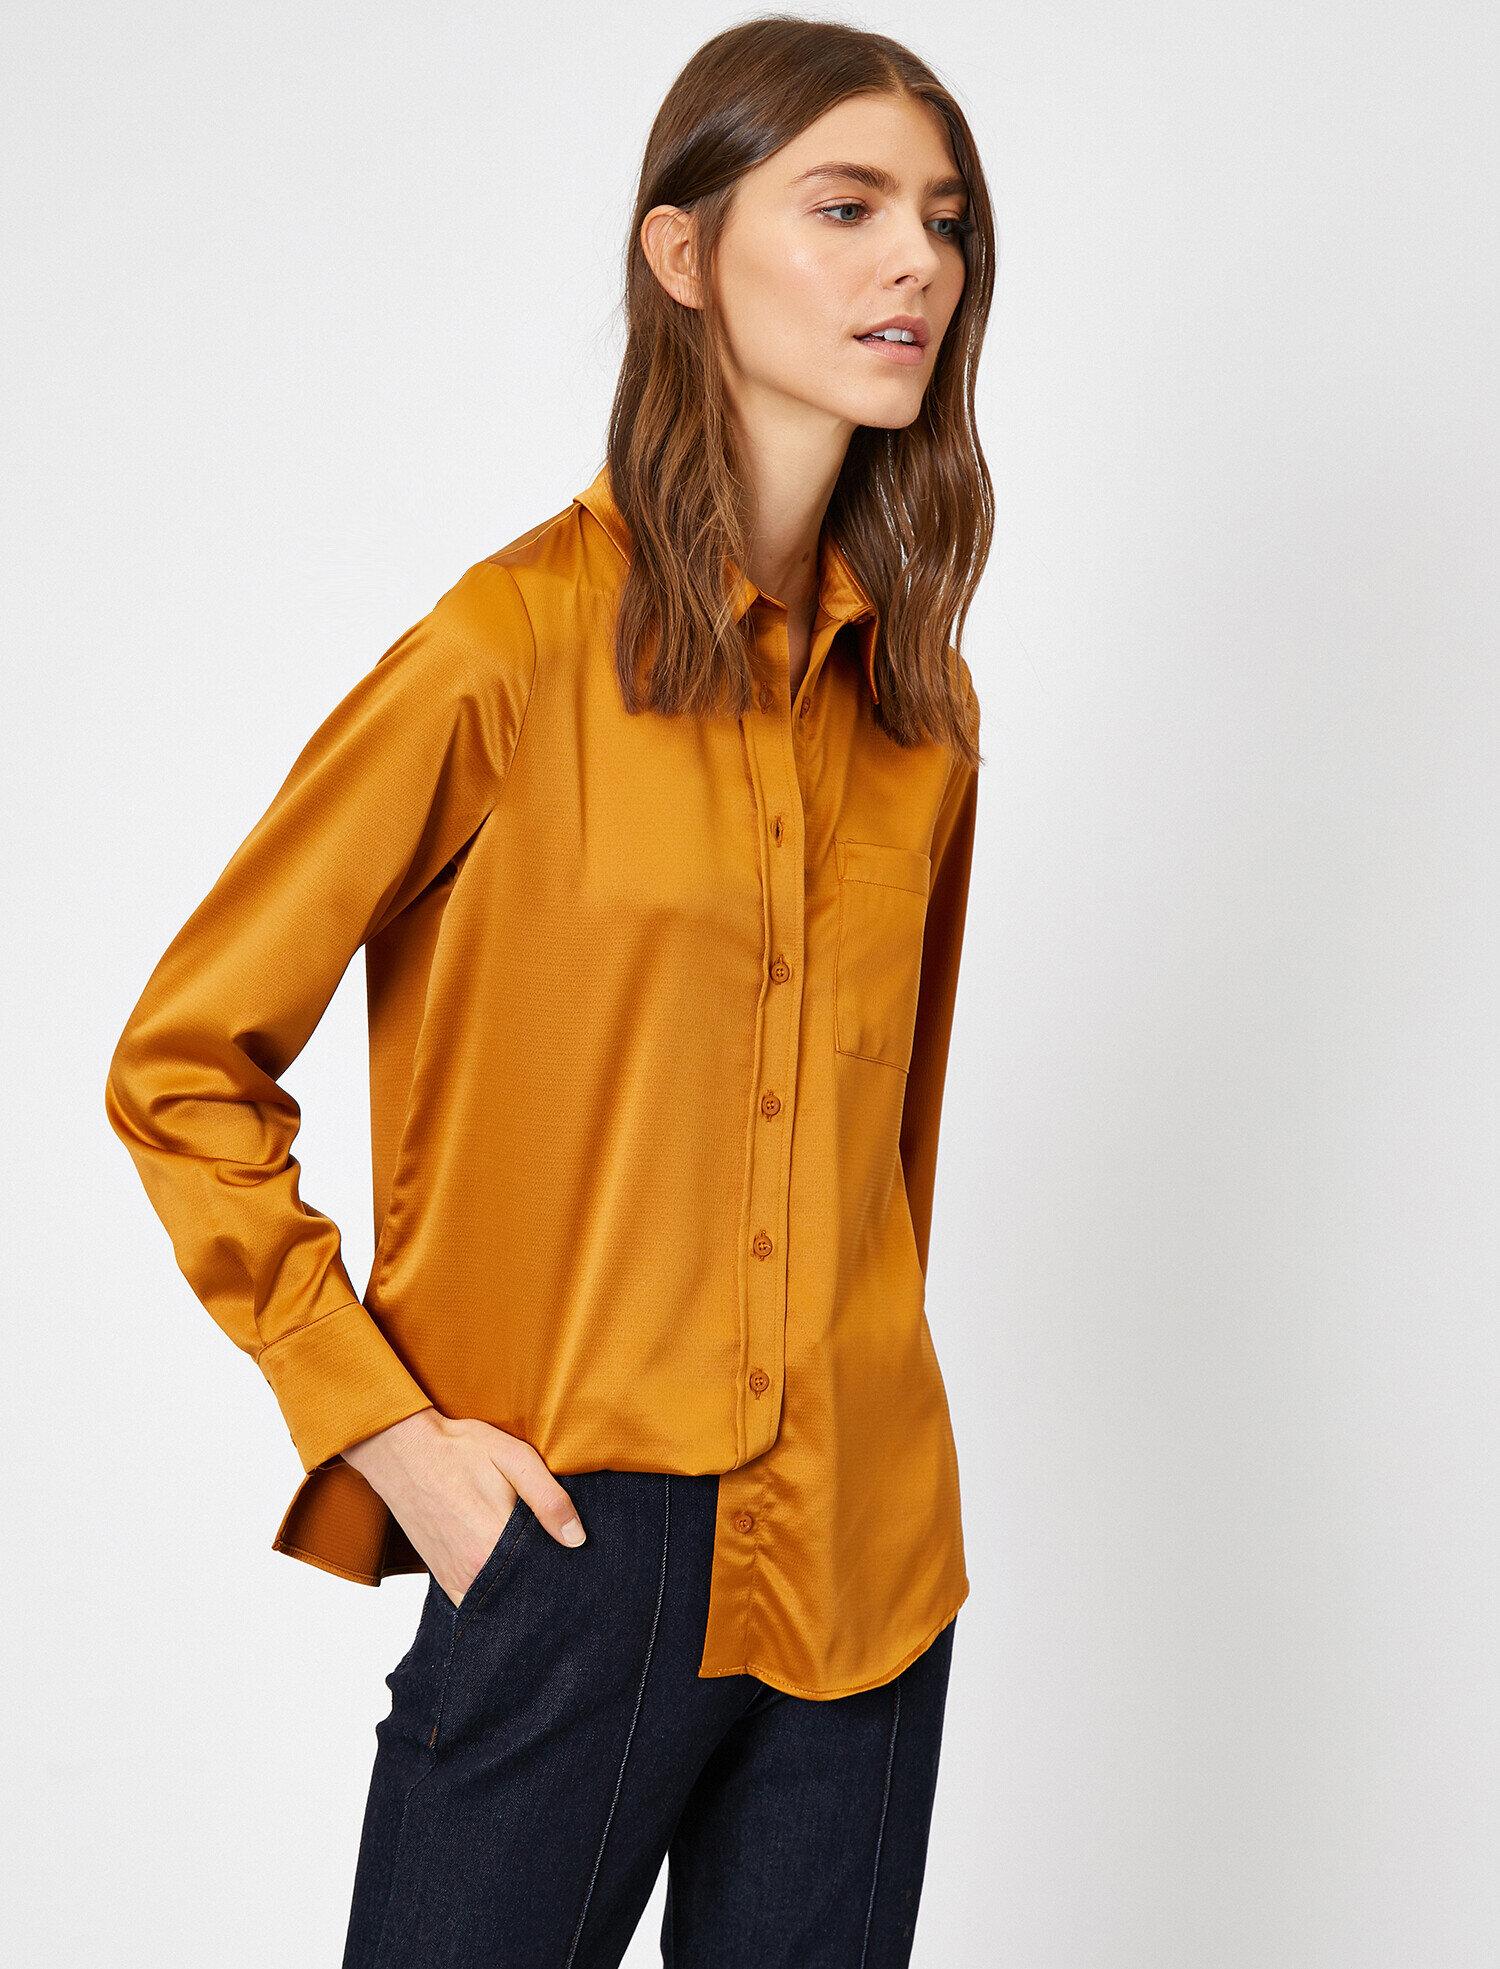 Koton Kadın Cep Detayli Gömlek